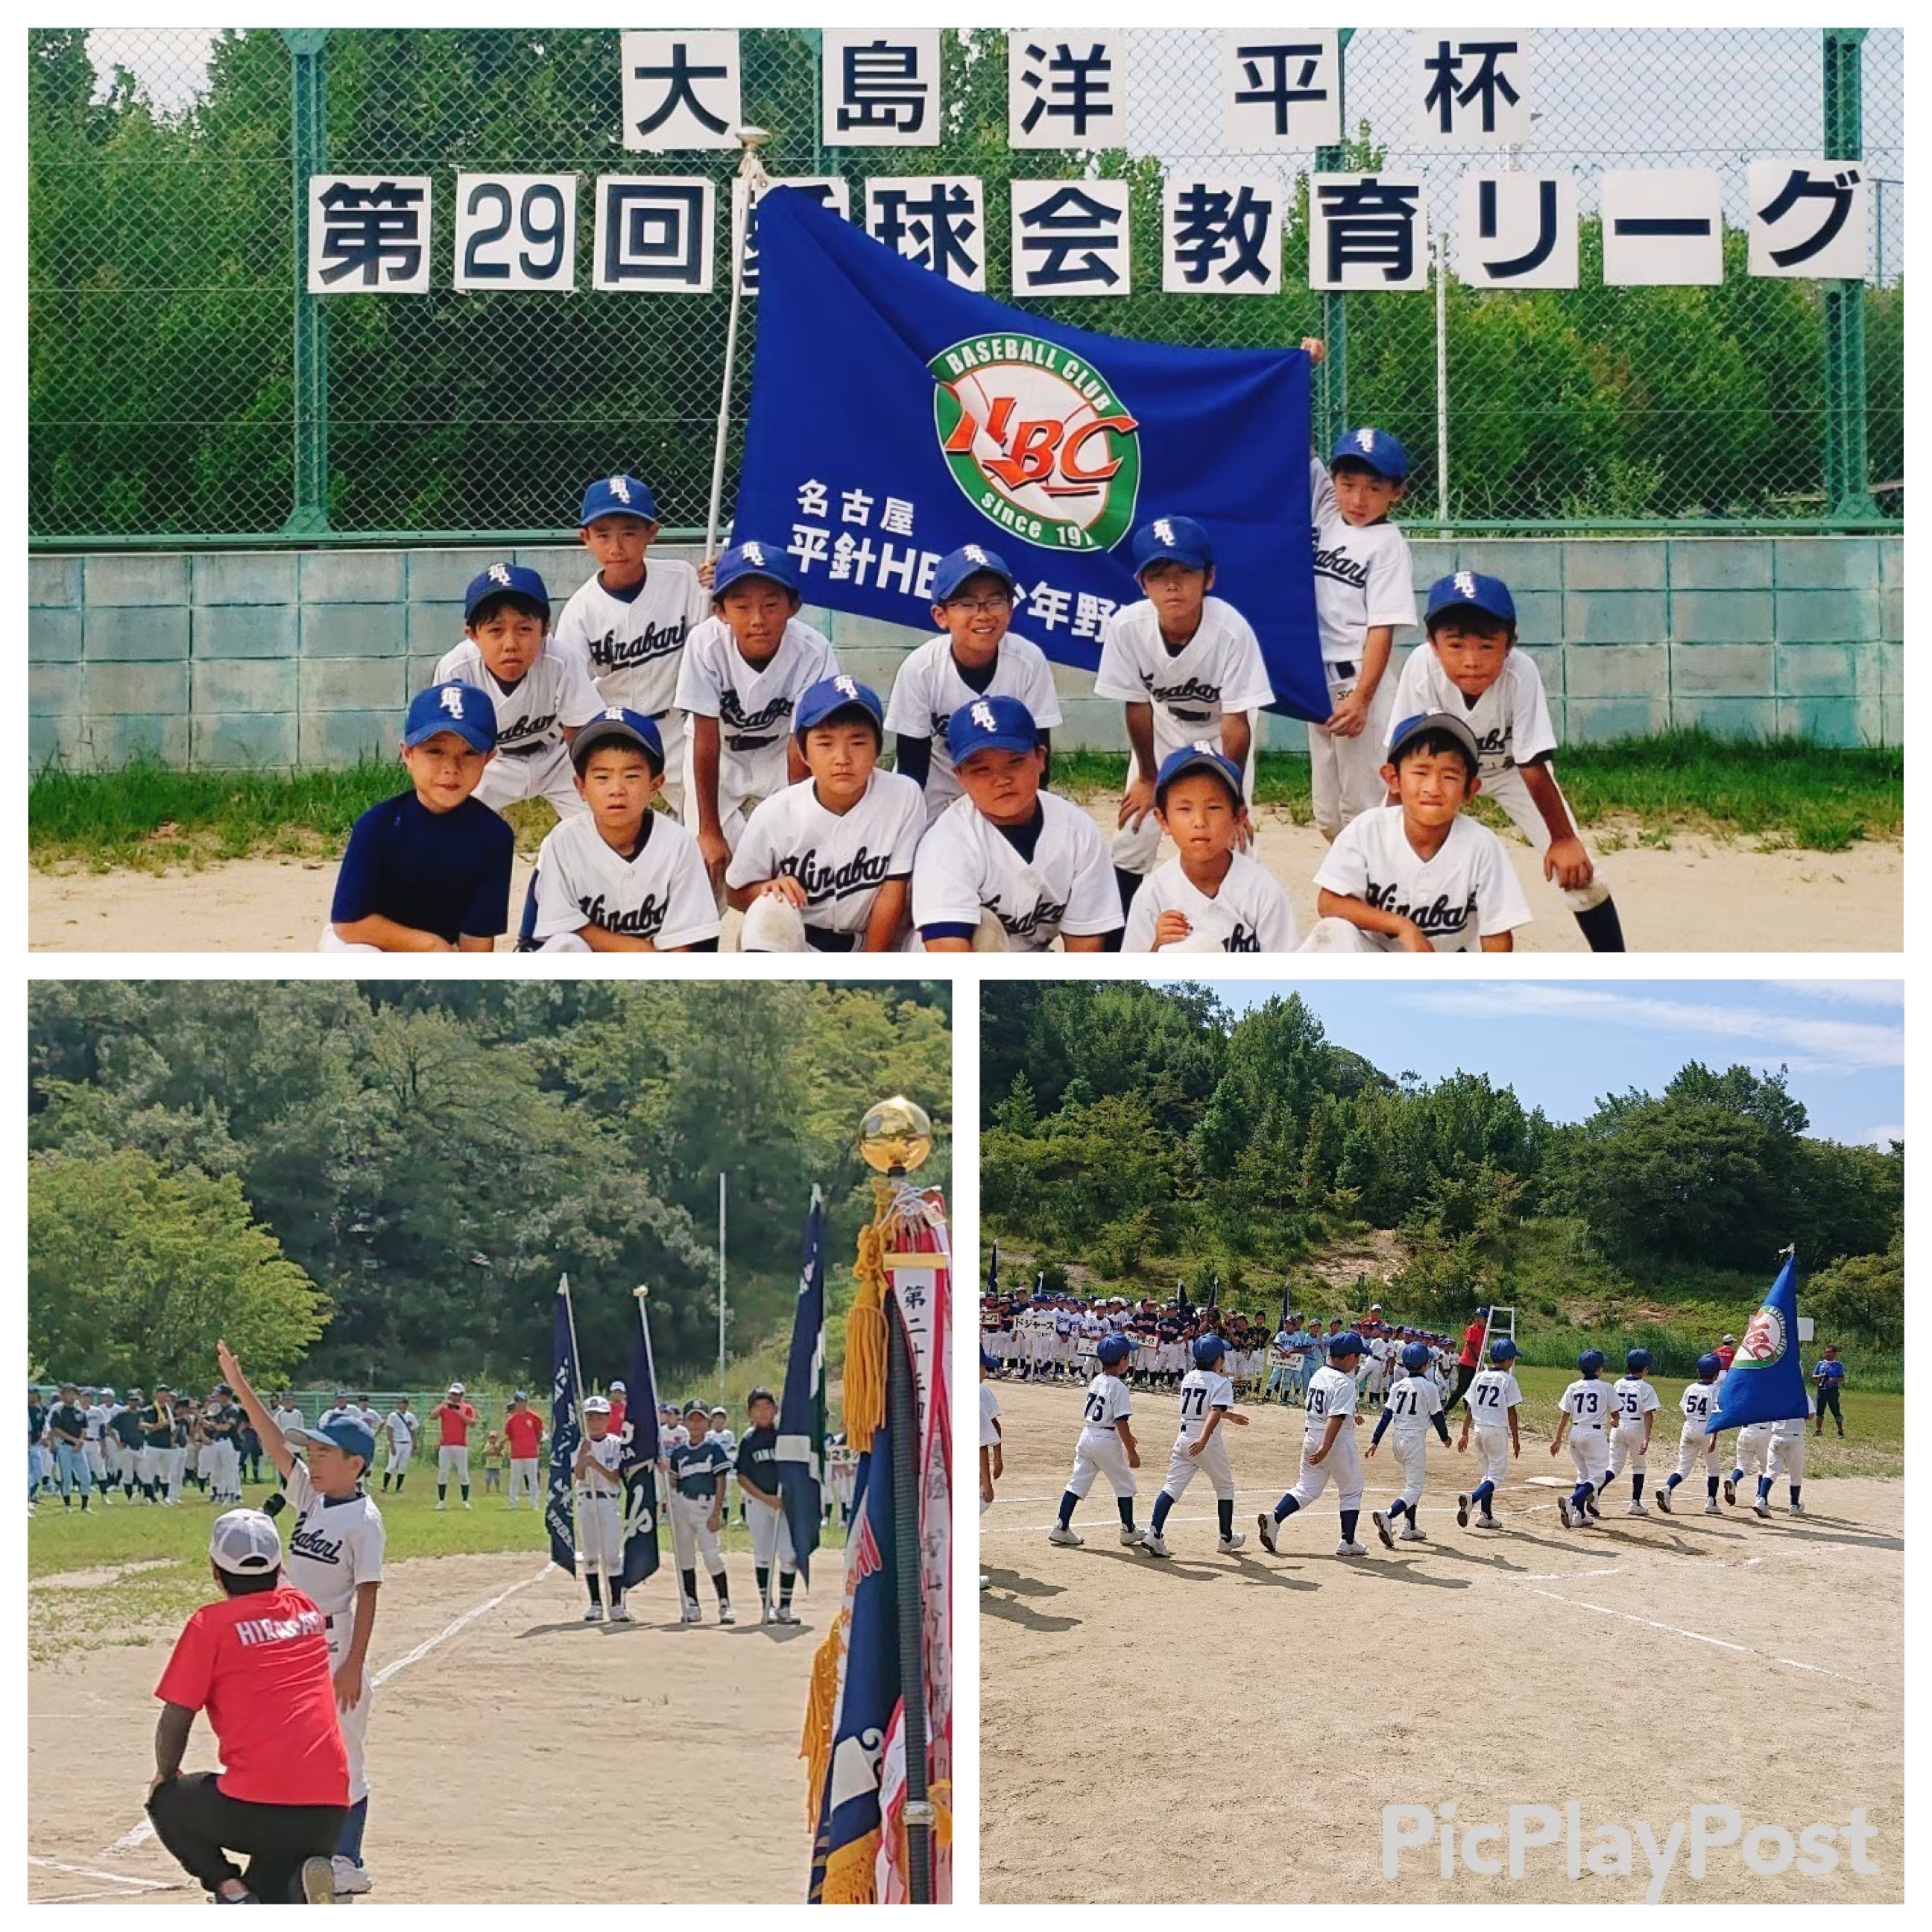 ⚾愛球会教育リーグ開会式・Cチーム(2019.9.1)⚾